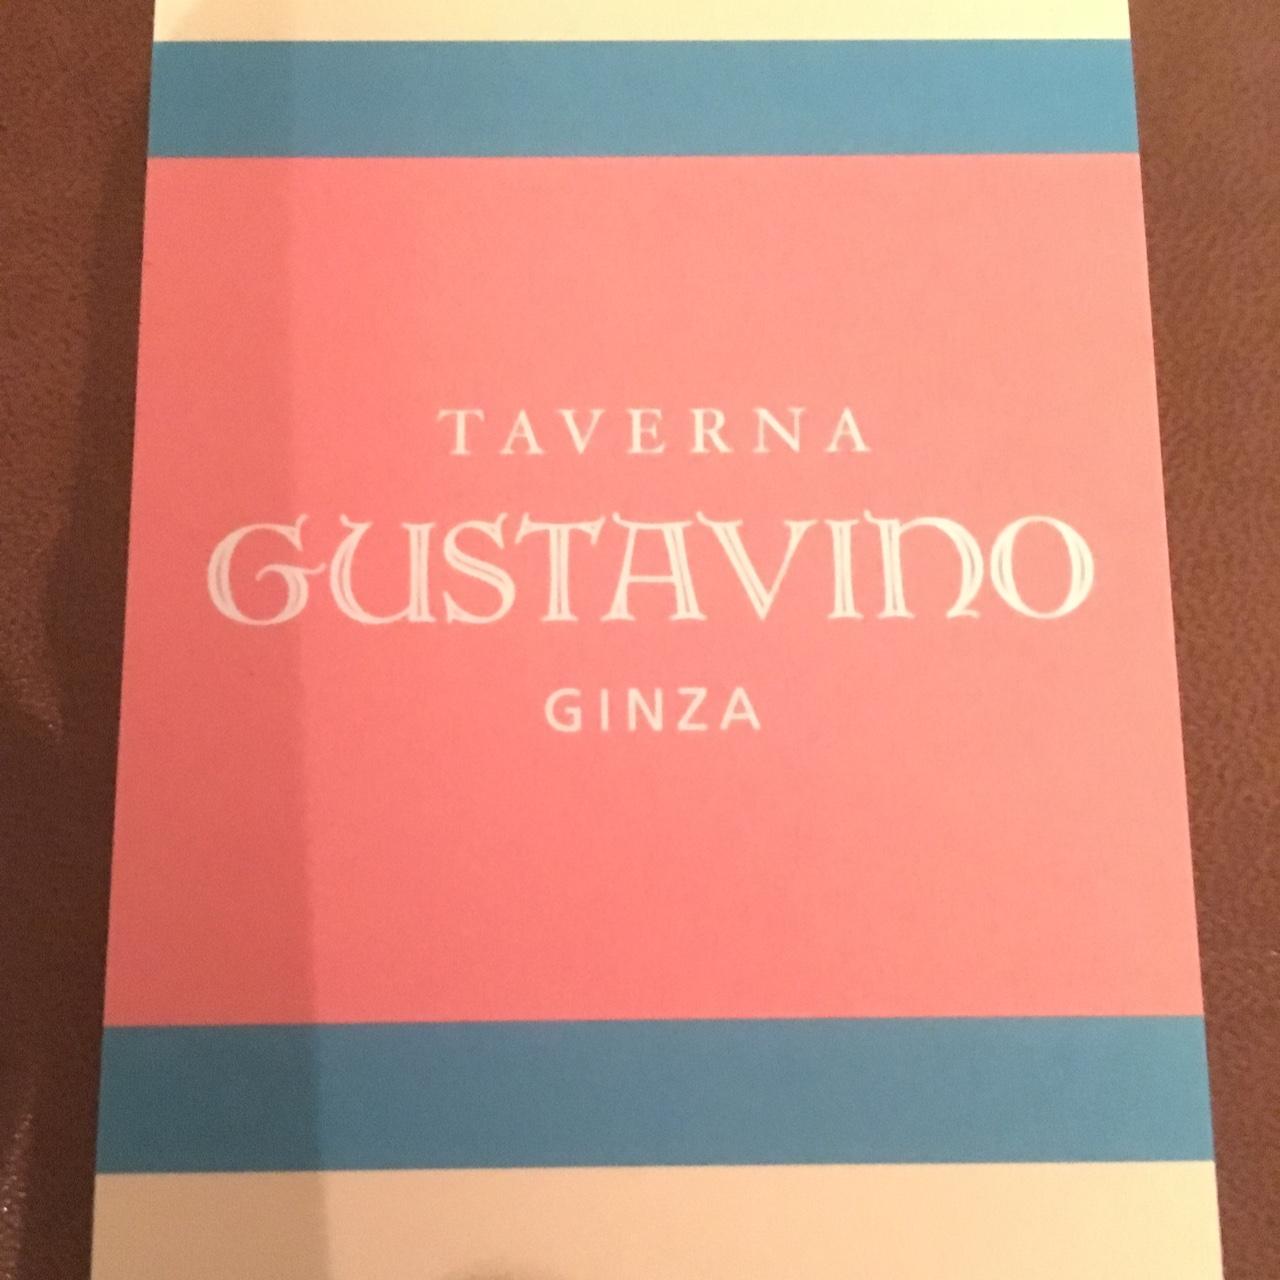 タヴェルナ グスタヴィーノ>